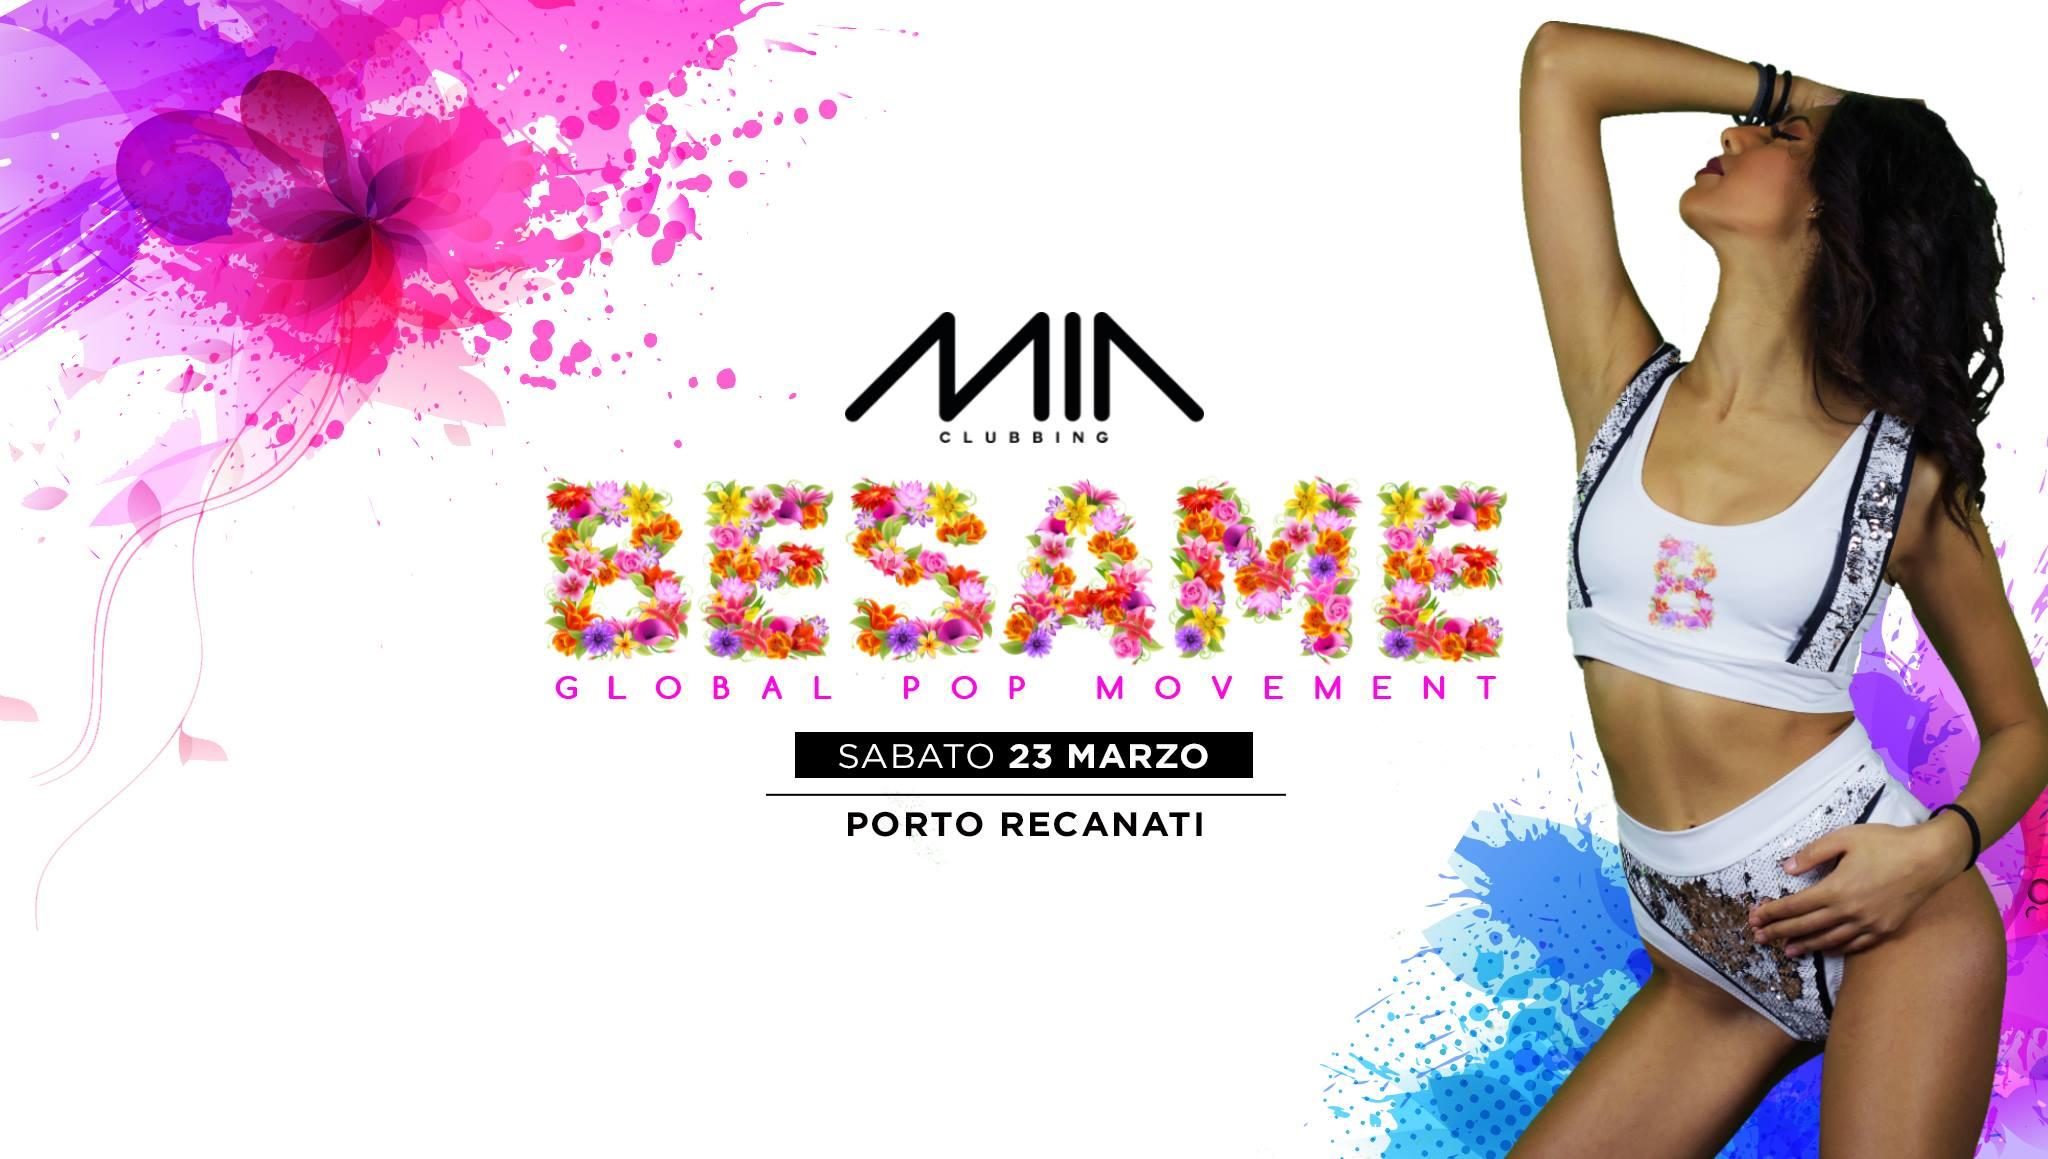 Mia Clubbing Porto Recanati Besame